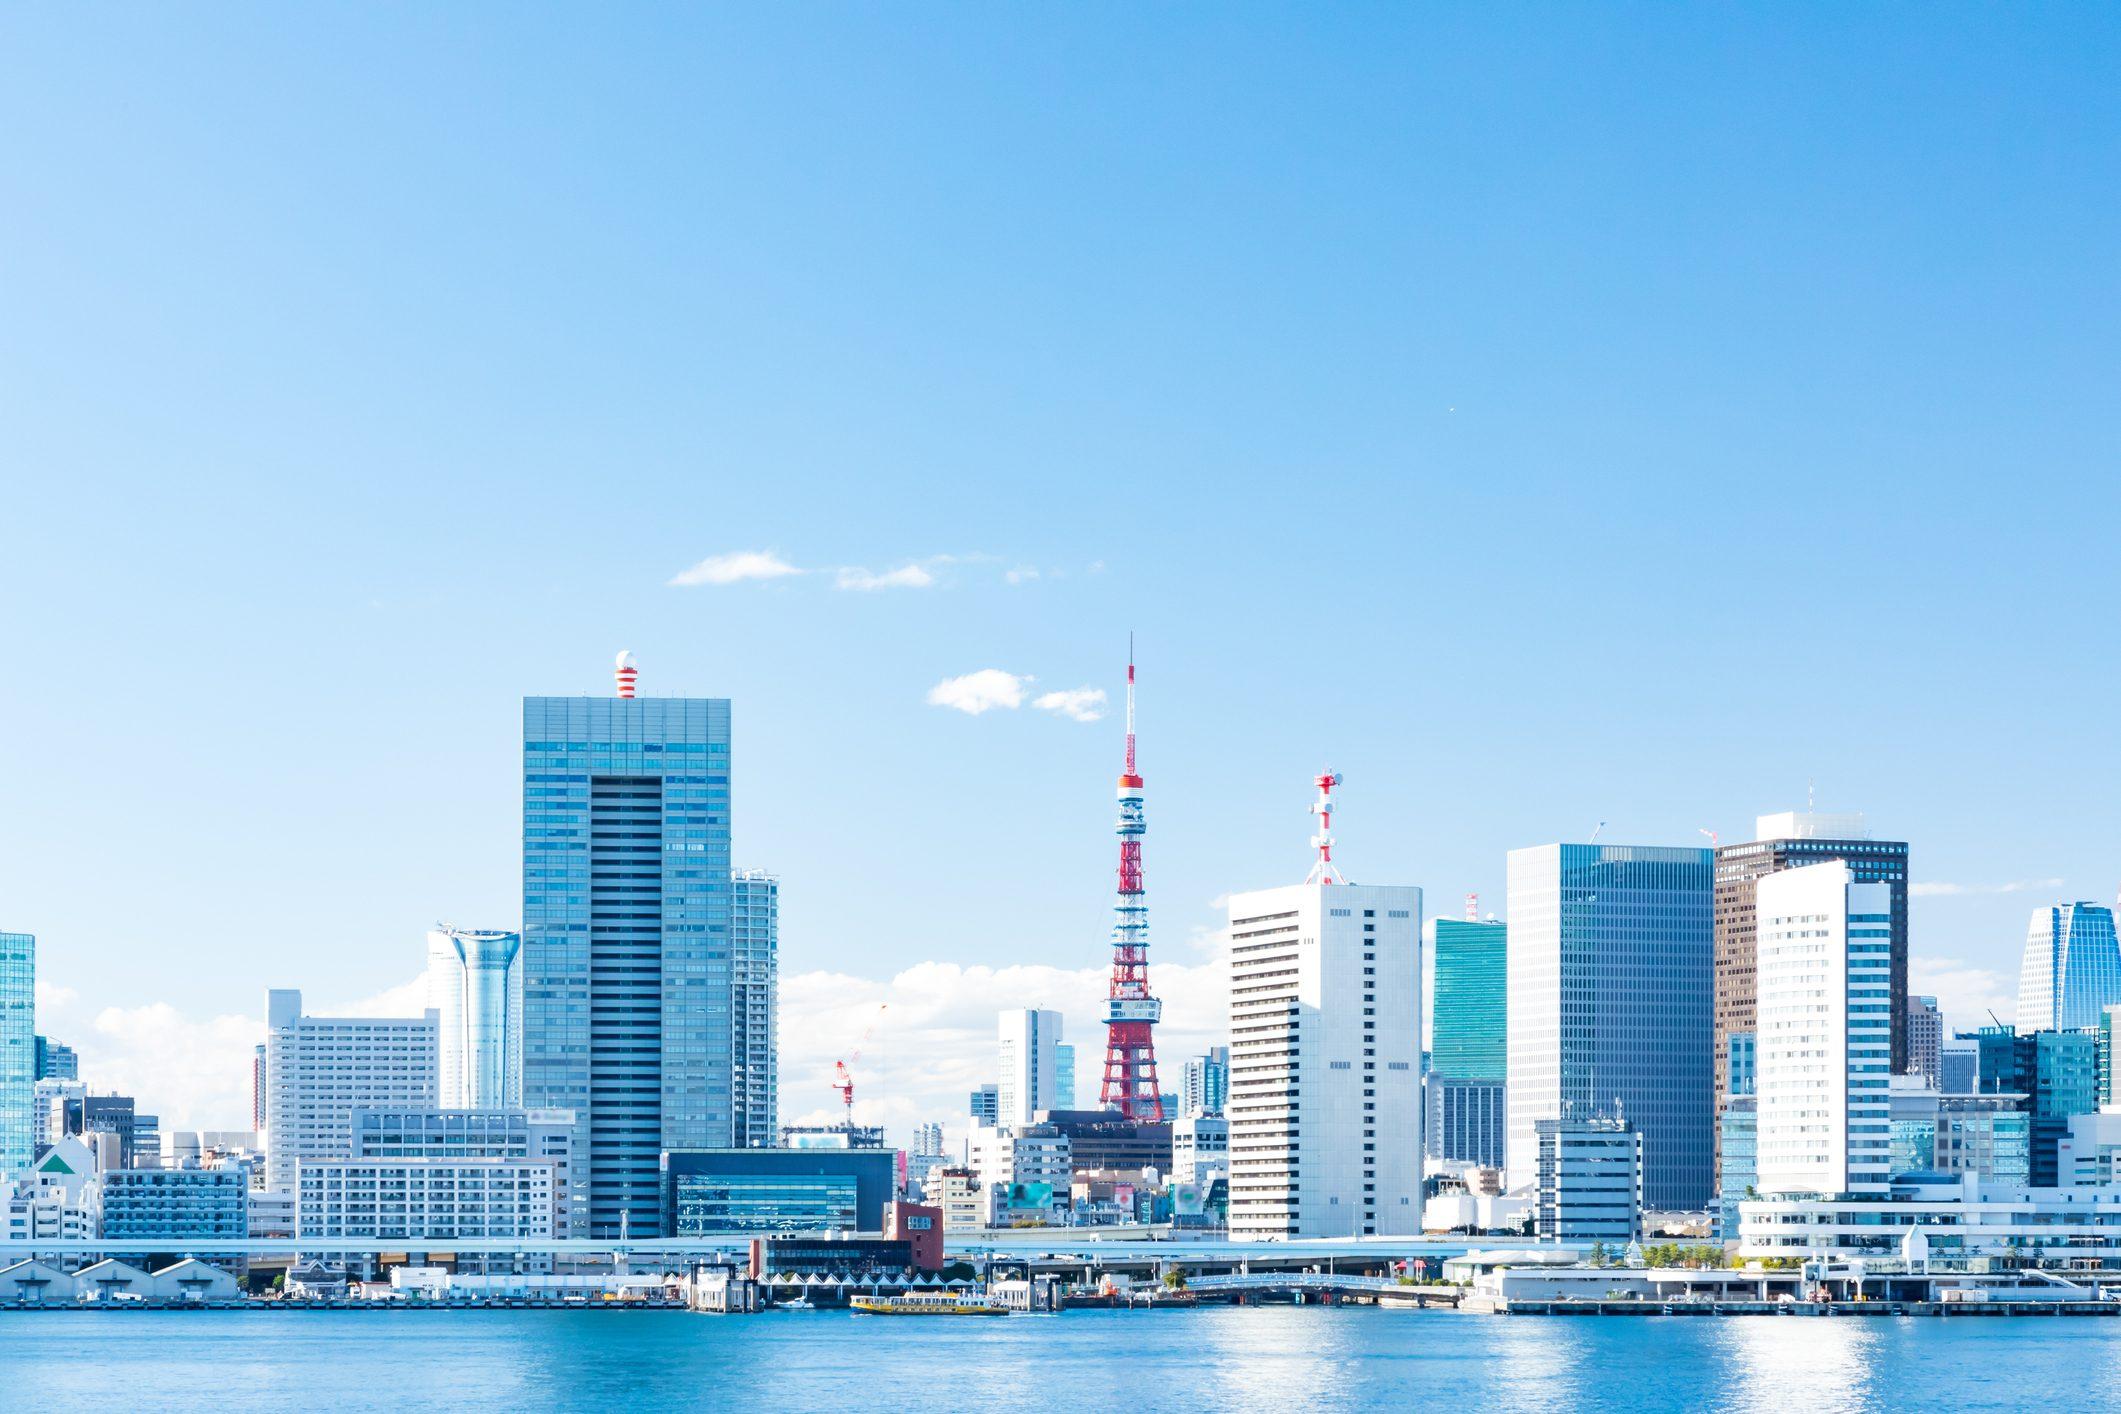 東京に憧れる女性 夢を打ち砕く「都民からの一言」 – ニュースサイトしらべぇ